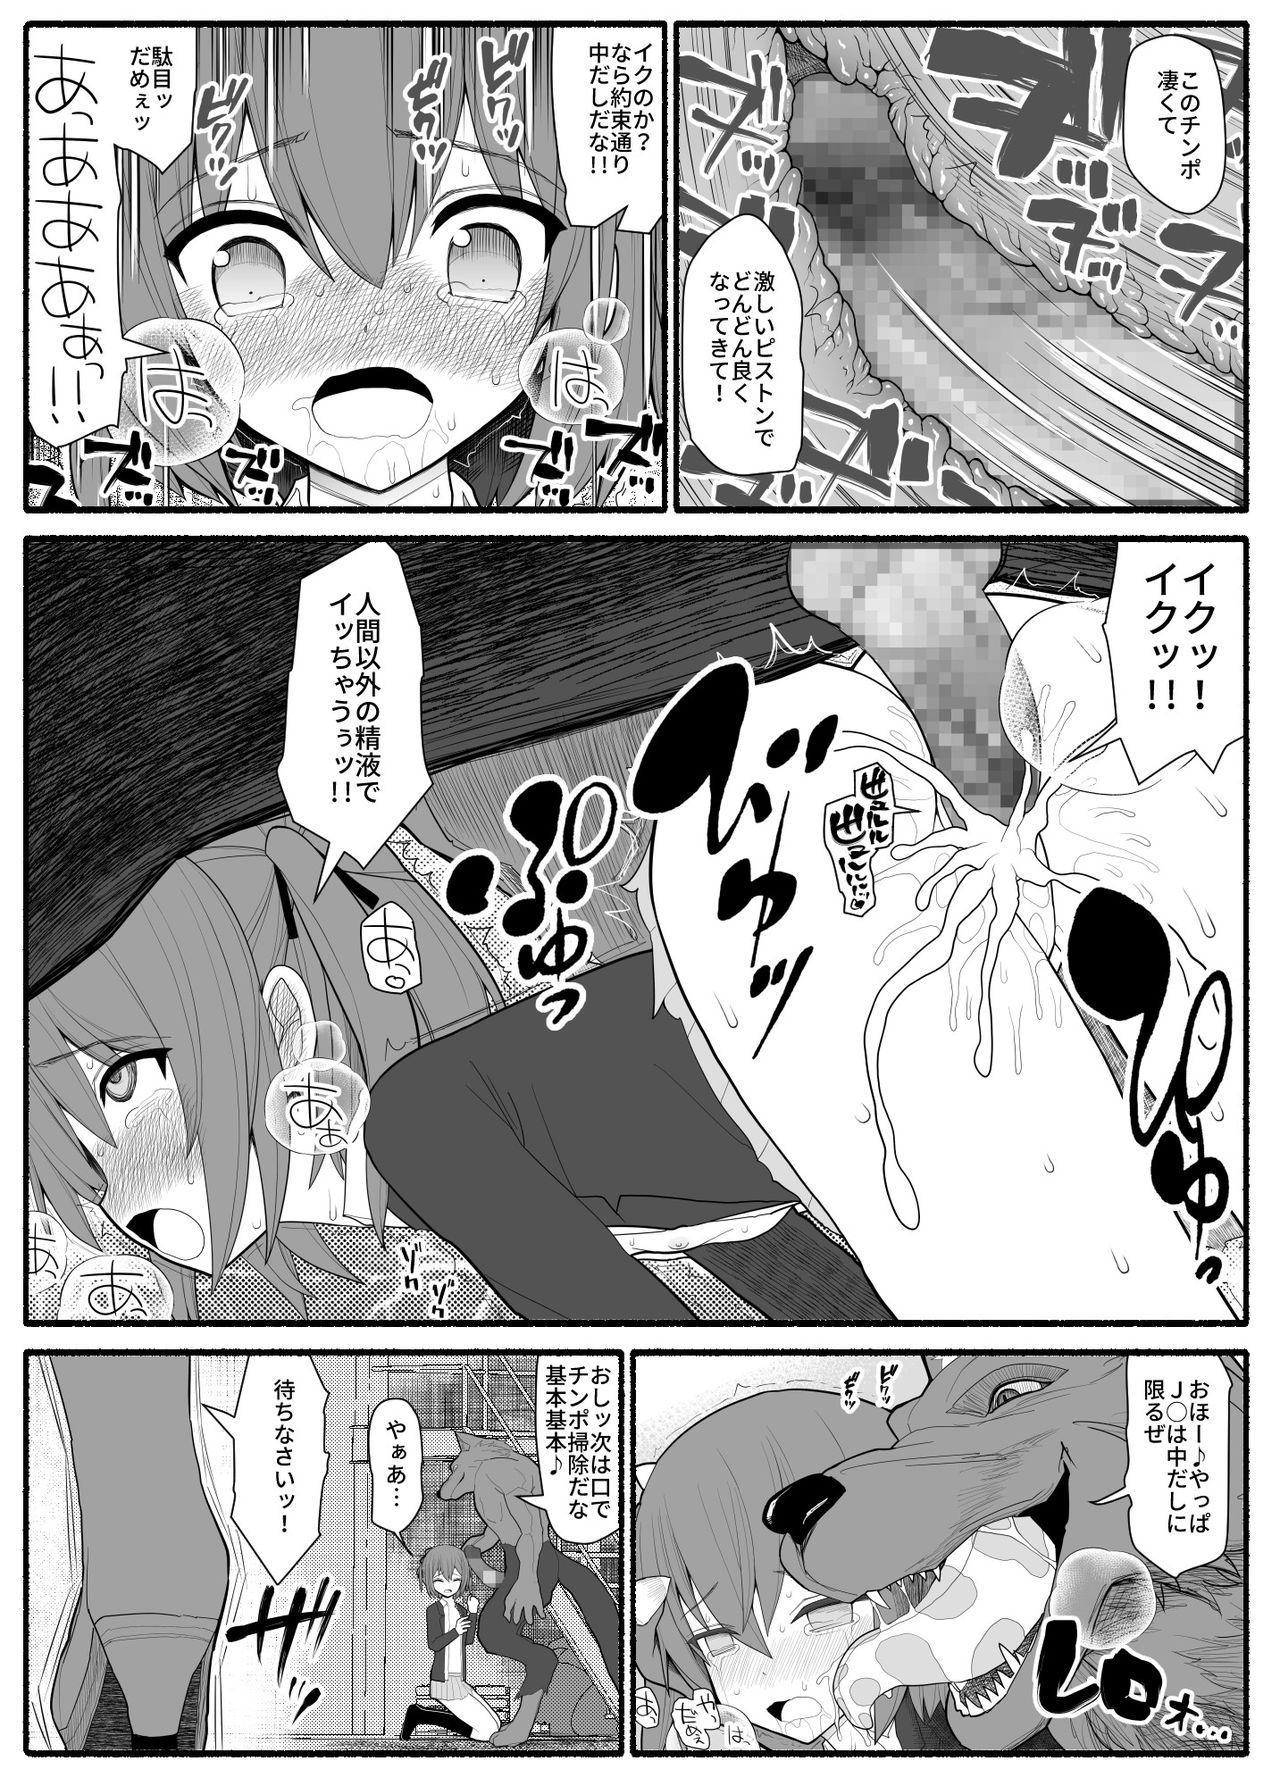 mahou shoujo VS inma seibutsu 2